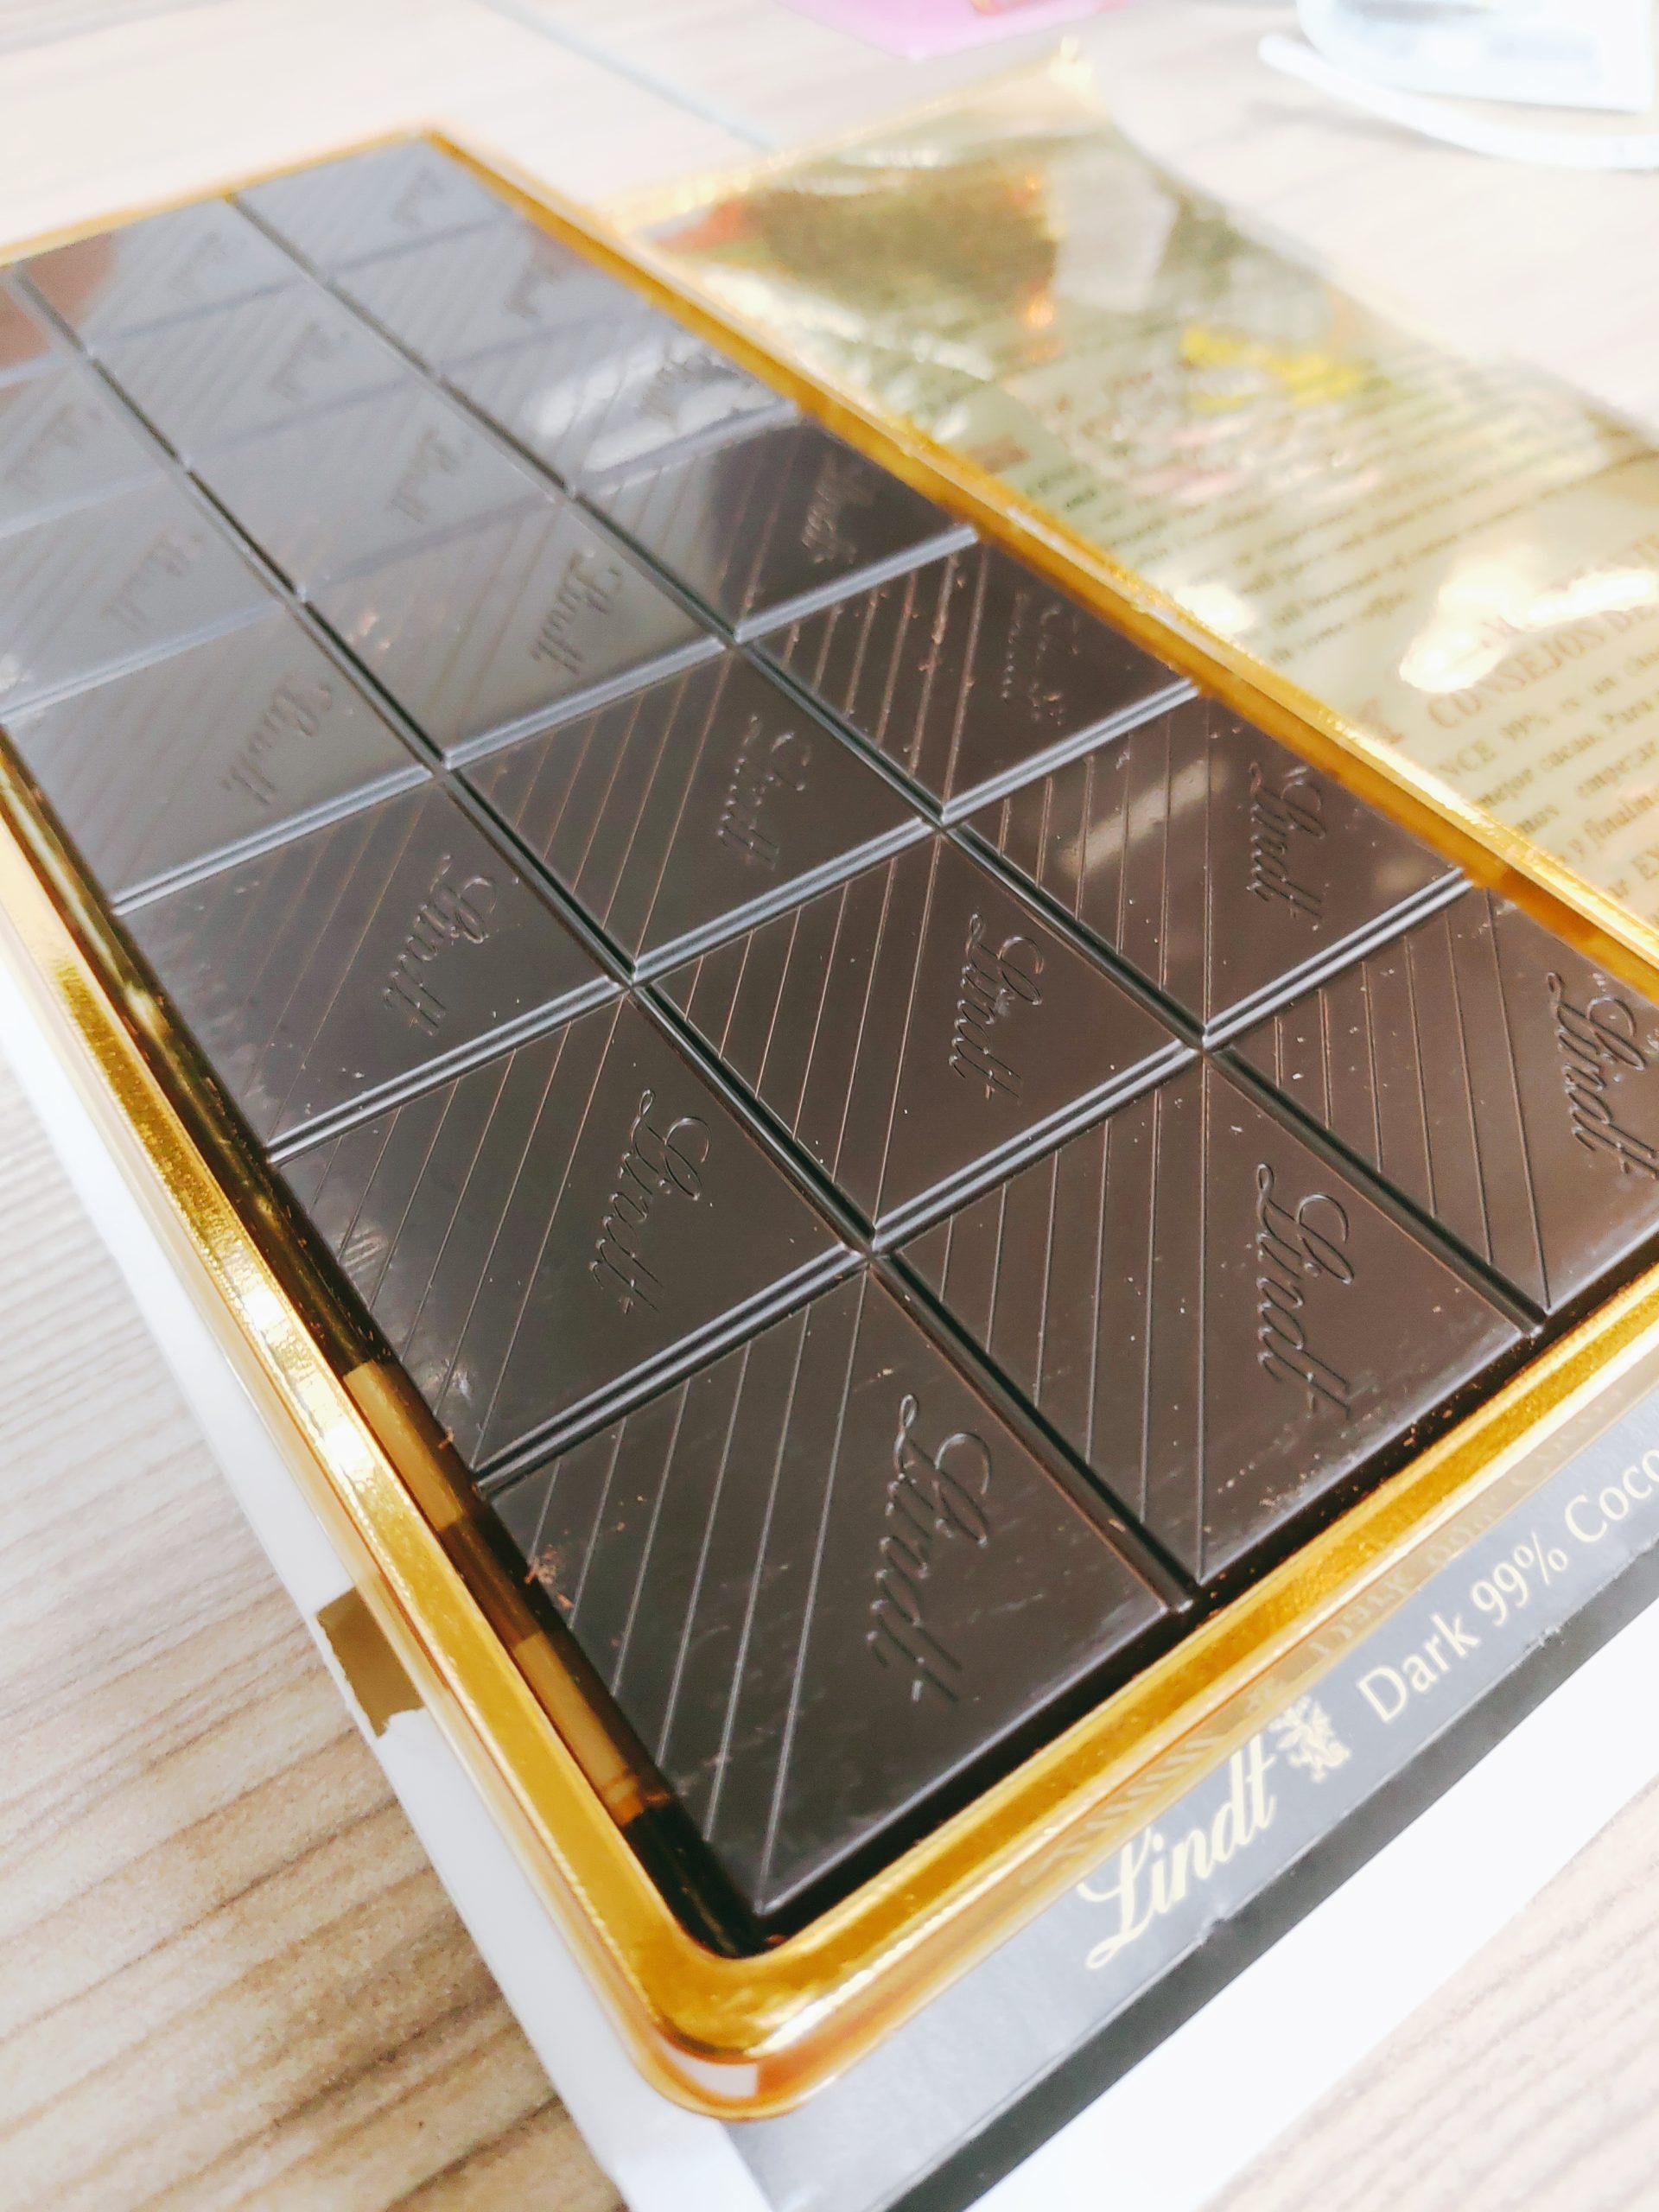 【試吃】Lindt瑞士蓮極醇系列99%巧克力片|濃烈黑巧克力,彷彿感受到人生的深沉滋味